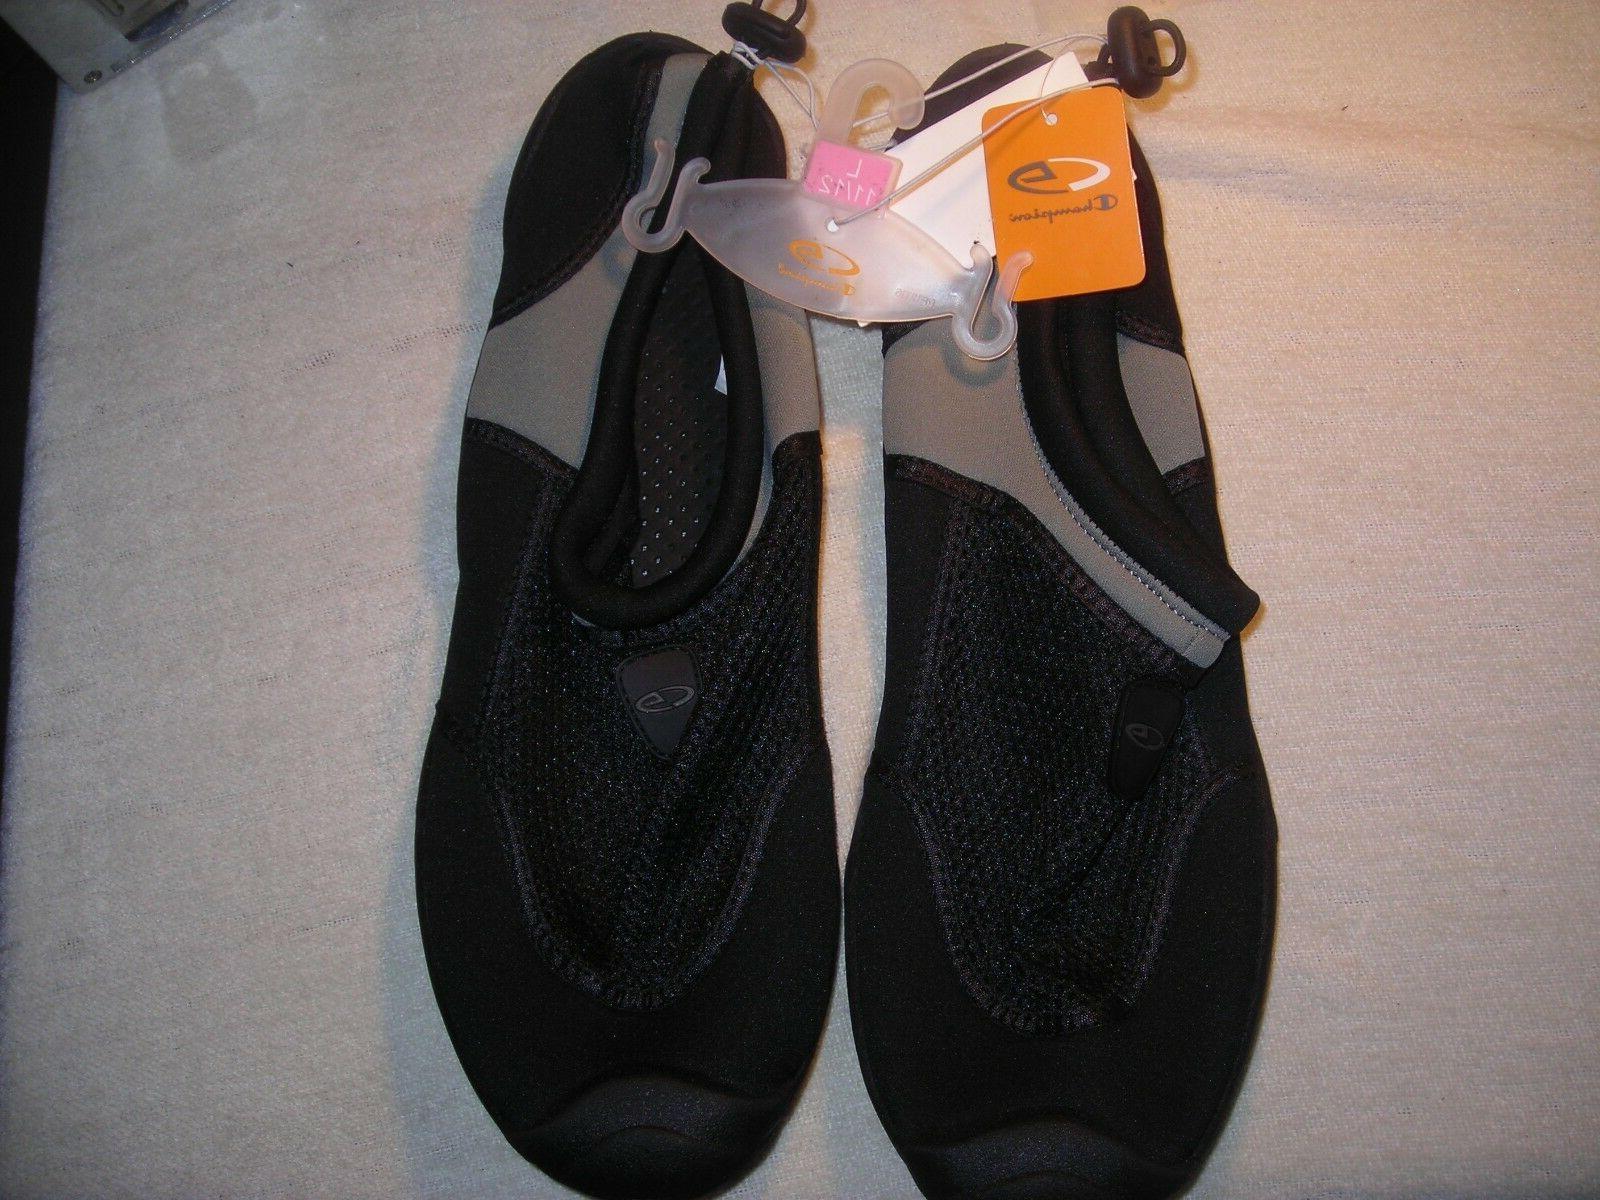 Champion Men's Water Shoes Titus Size 11/12 Large Black Re